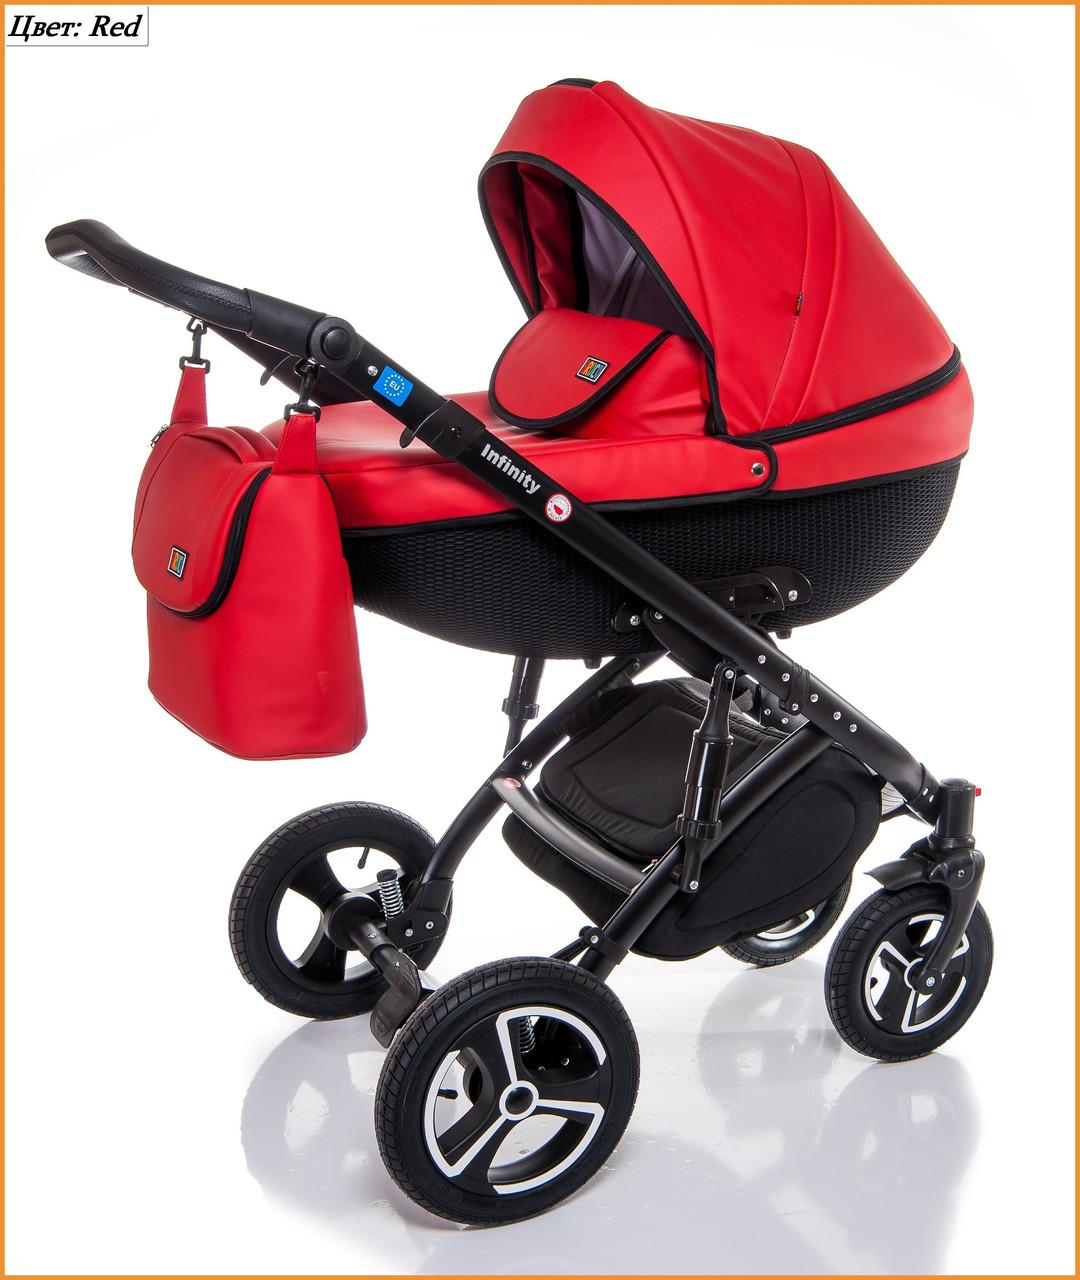 Детская коляска 2 в 1 Broco Infinity - Интернет-магазин детских товаров и мебели  SIGNAL 90632154804